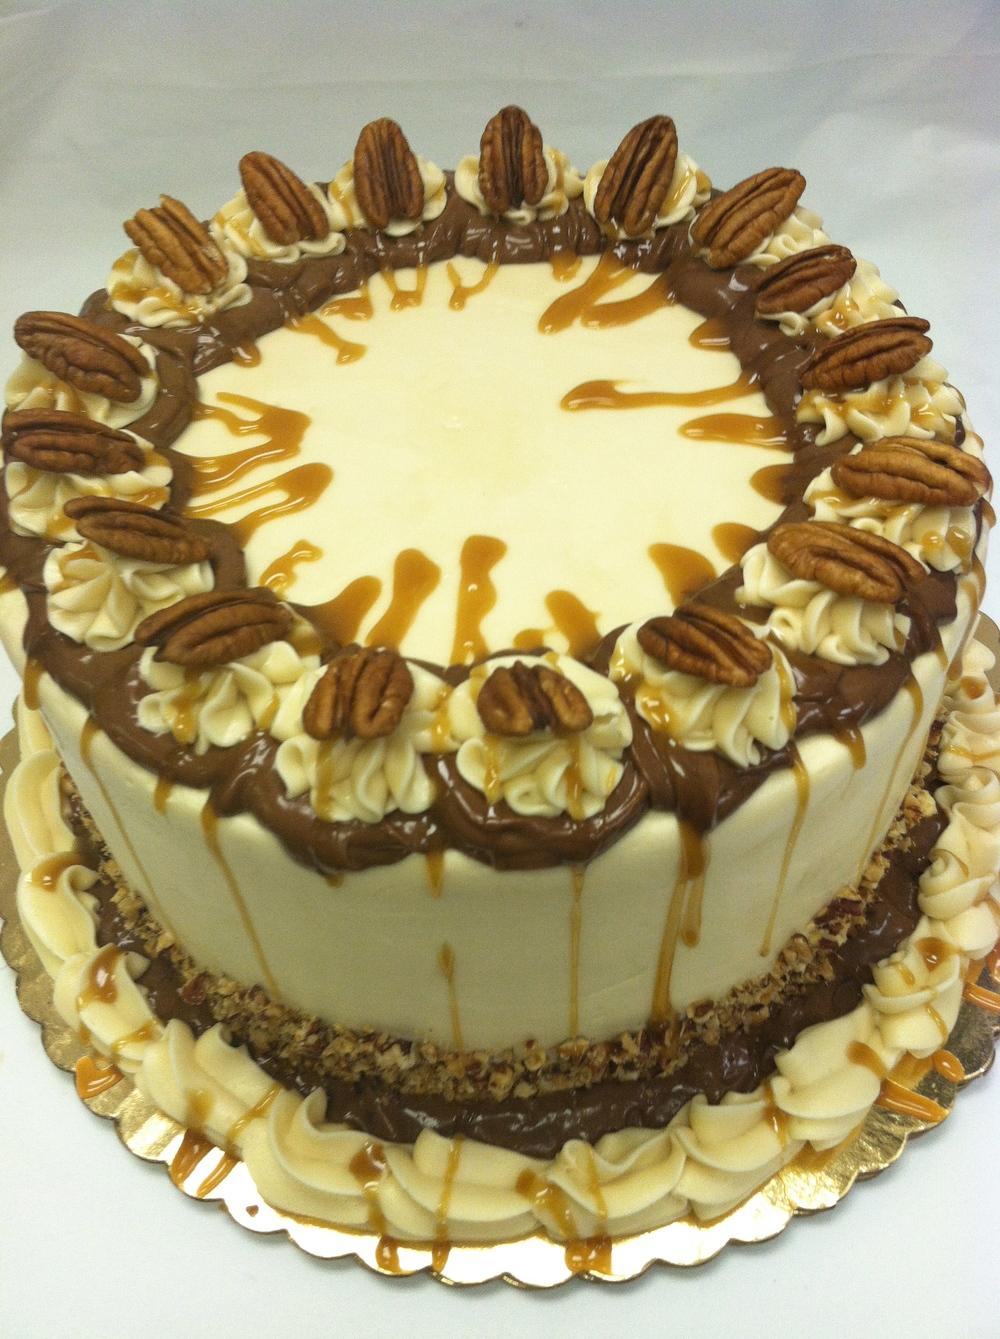 Dan's Turtle Cake